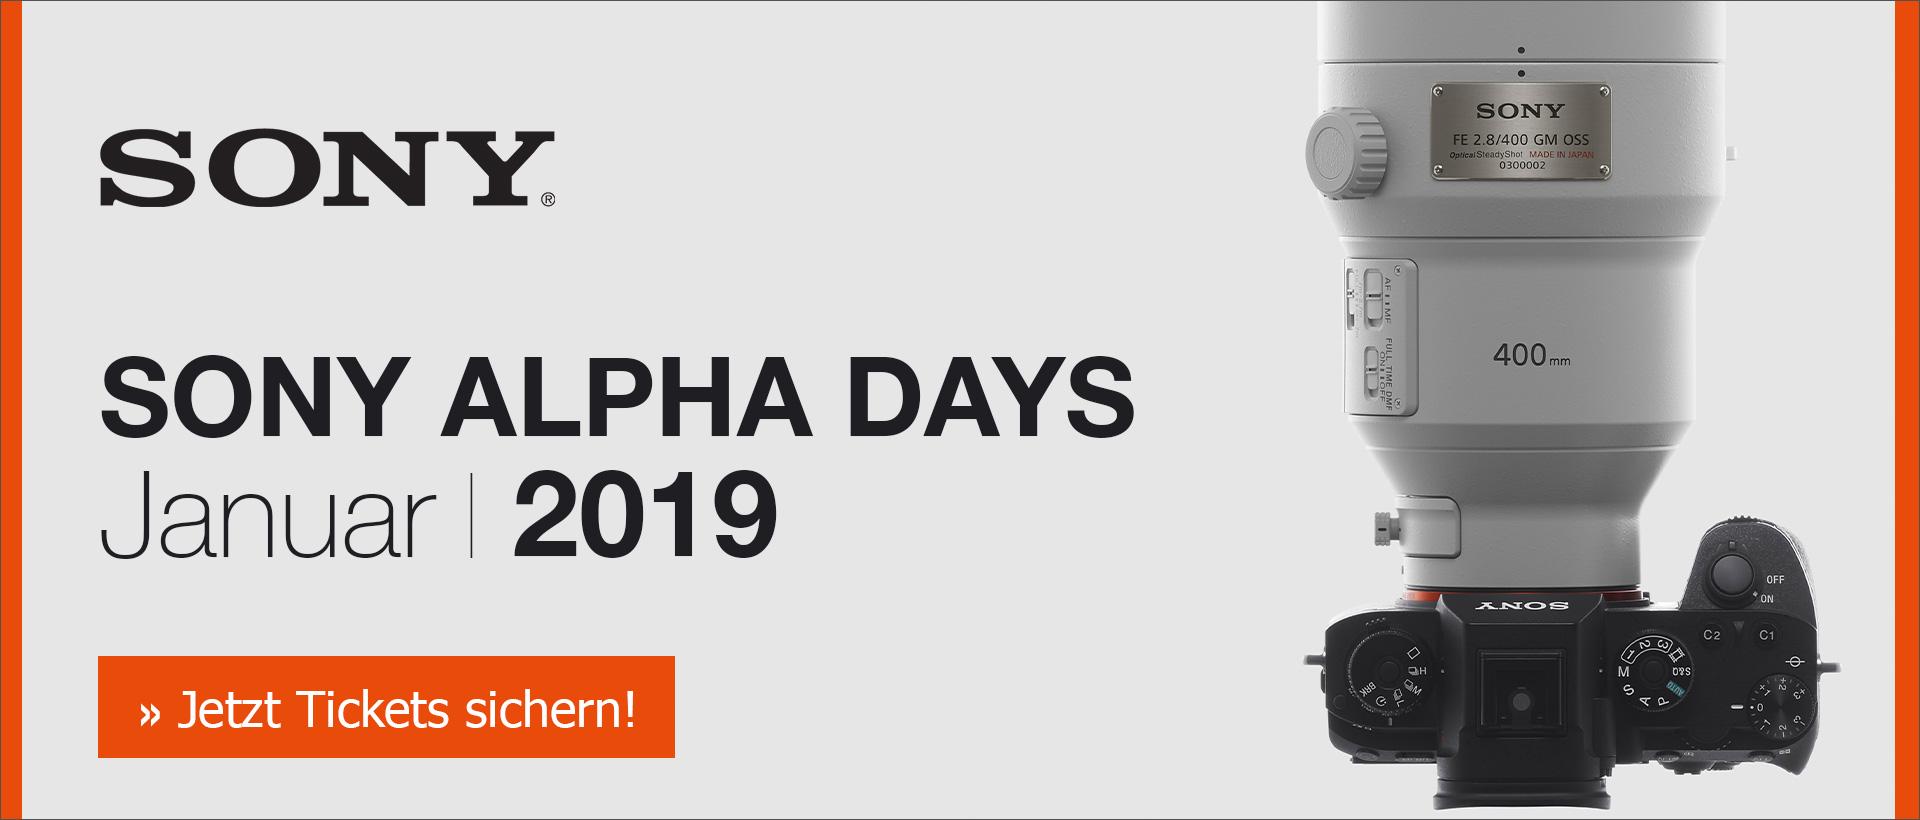 Sony Alpha Days 2019